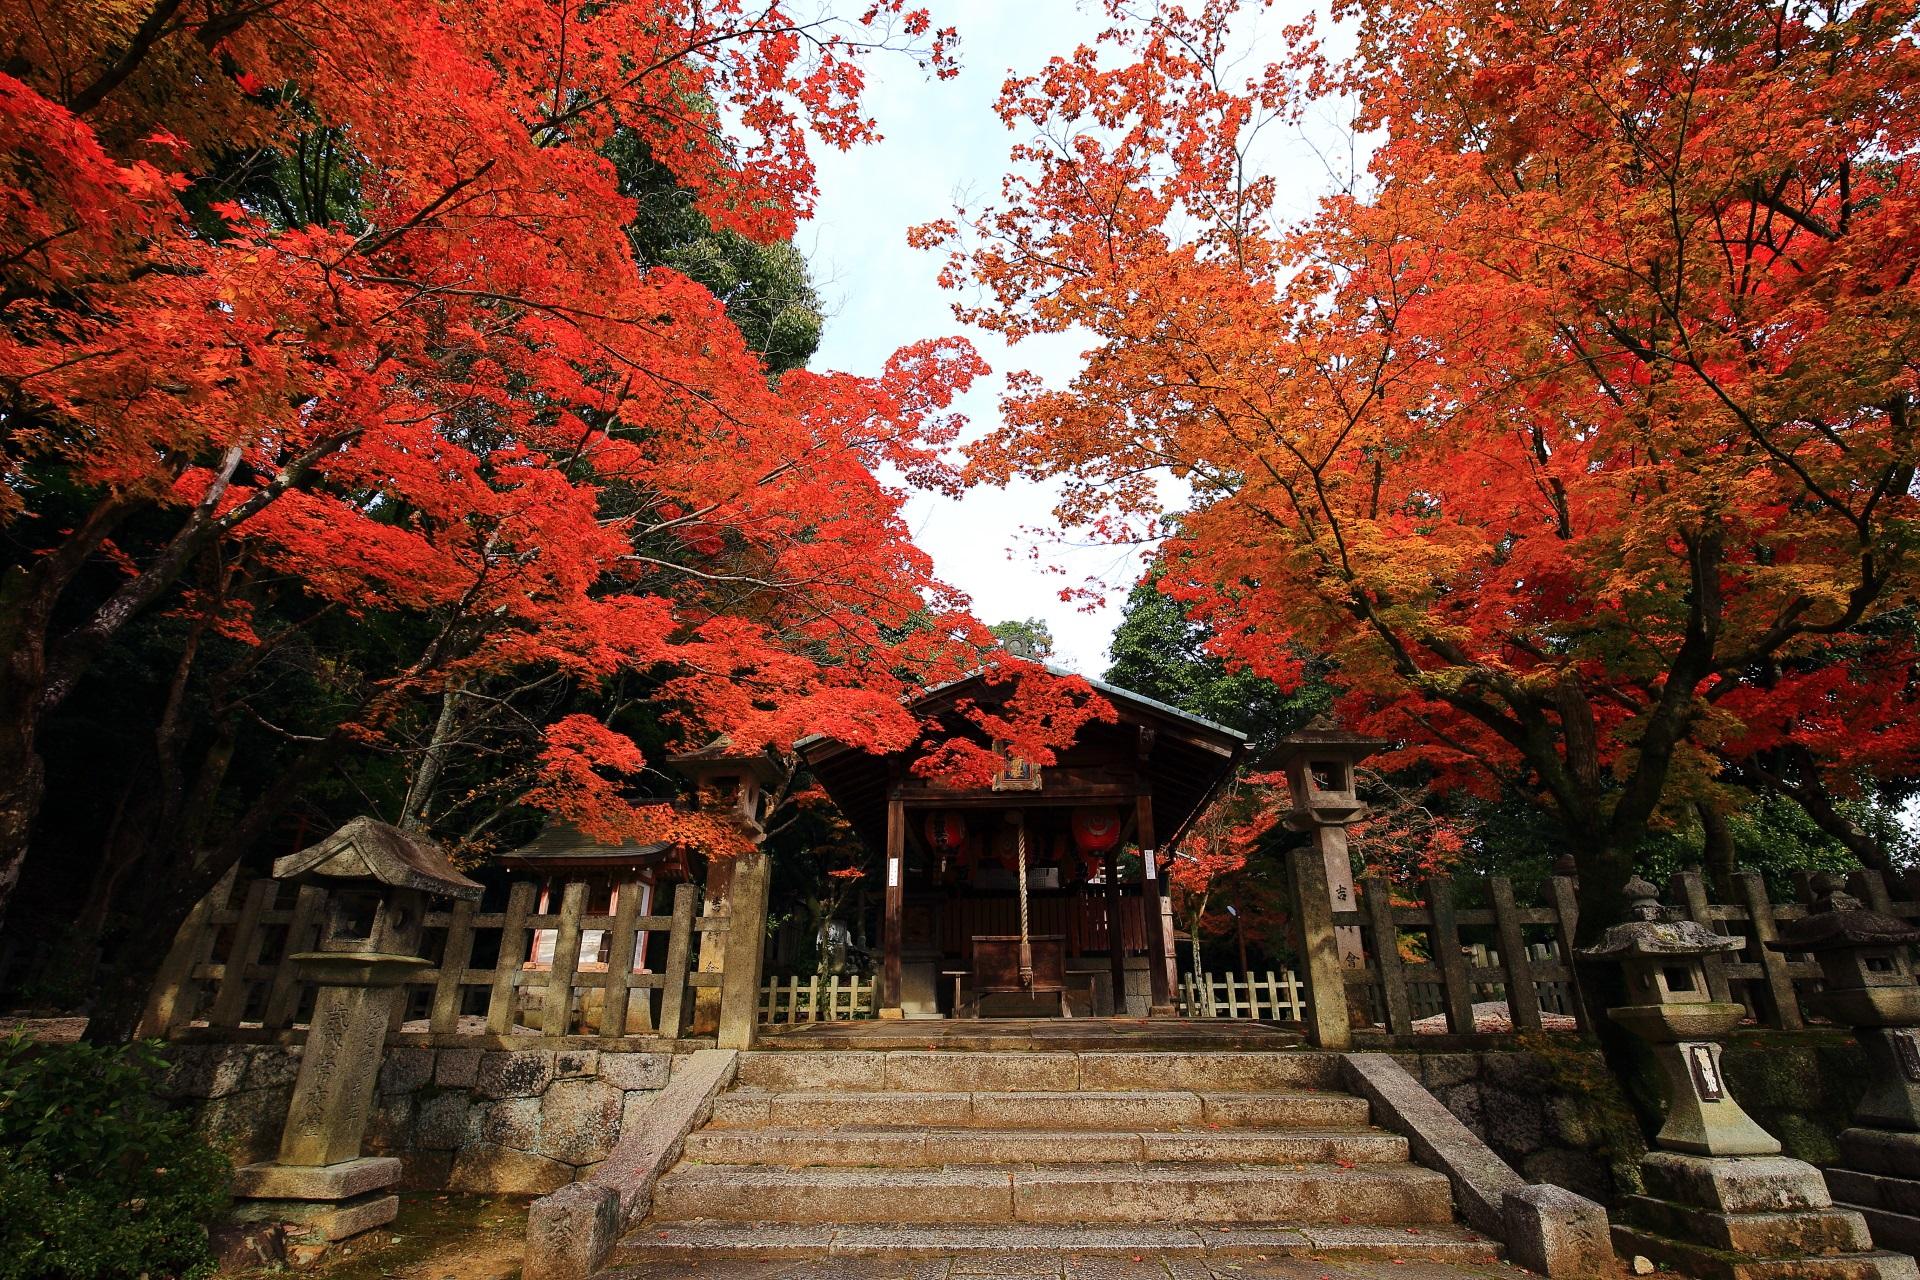 竹中稲荷神社の本殿を豪快に彩る紅葉